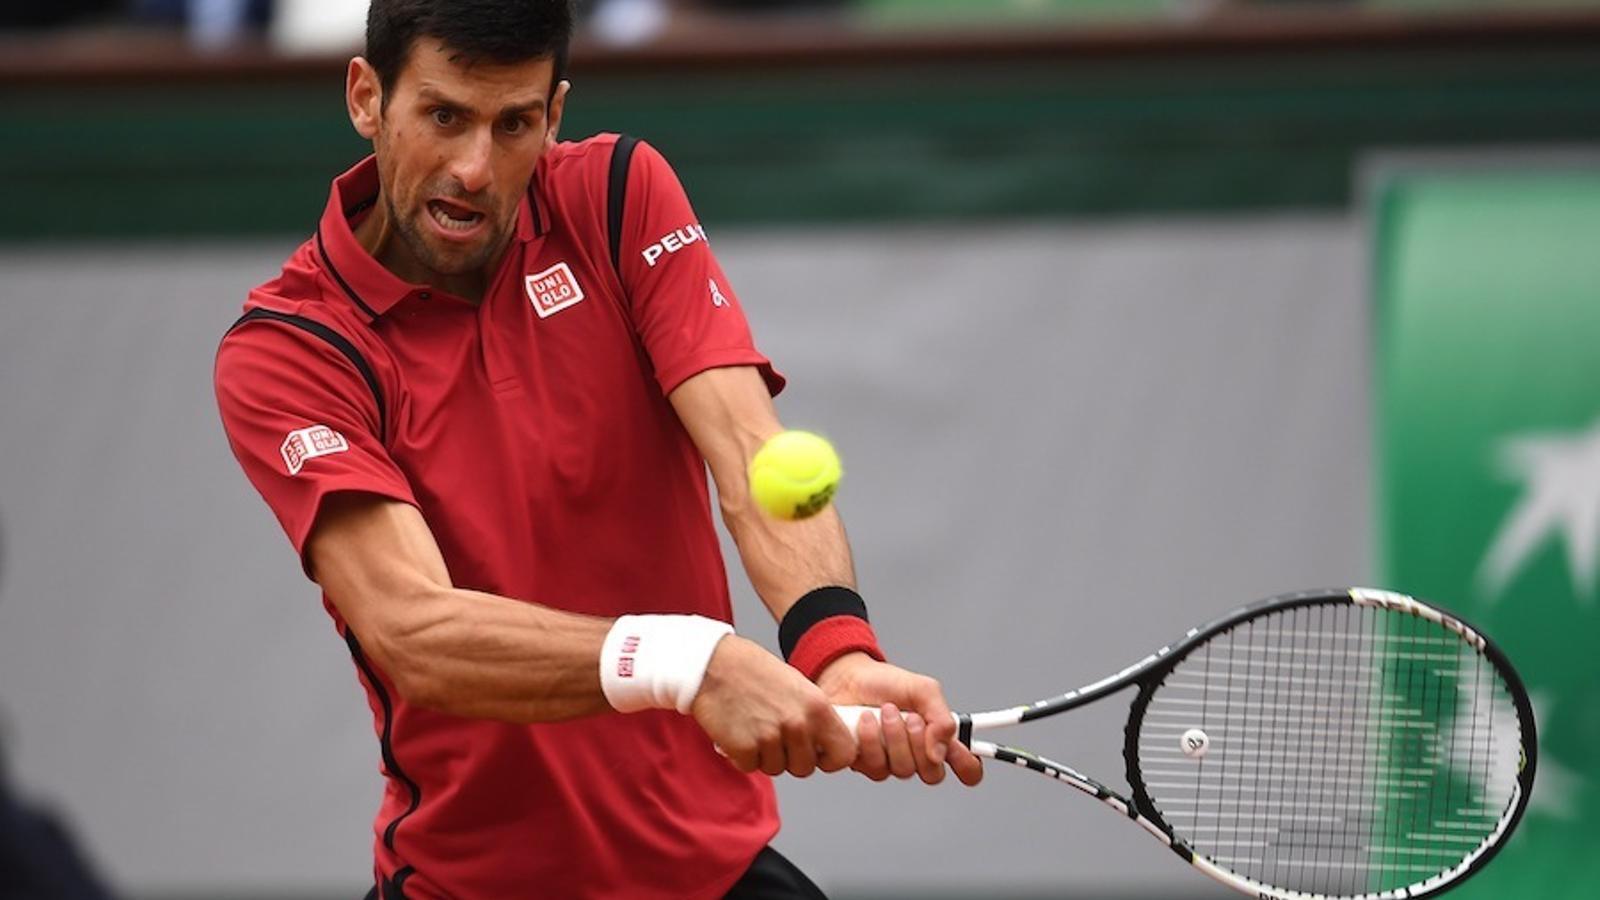 Djokovic ha accedit a les vuitenes semifinals seguides de Roland Garros de la seva carrera